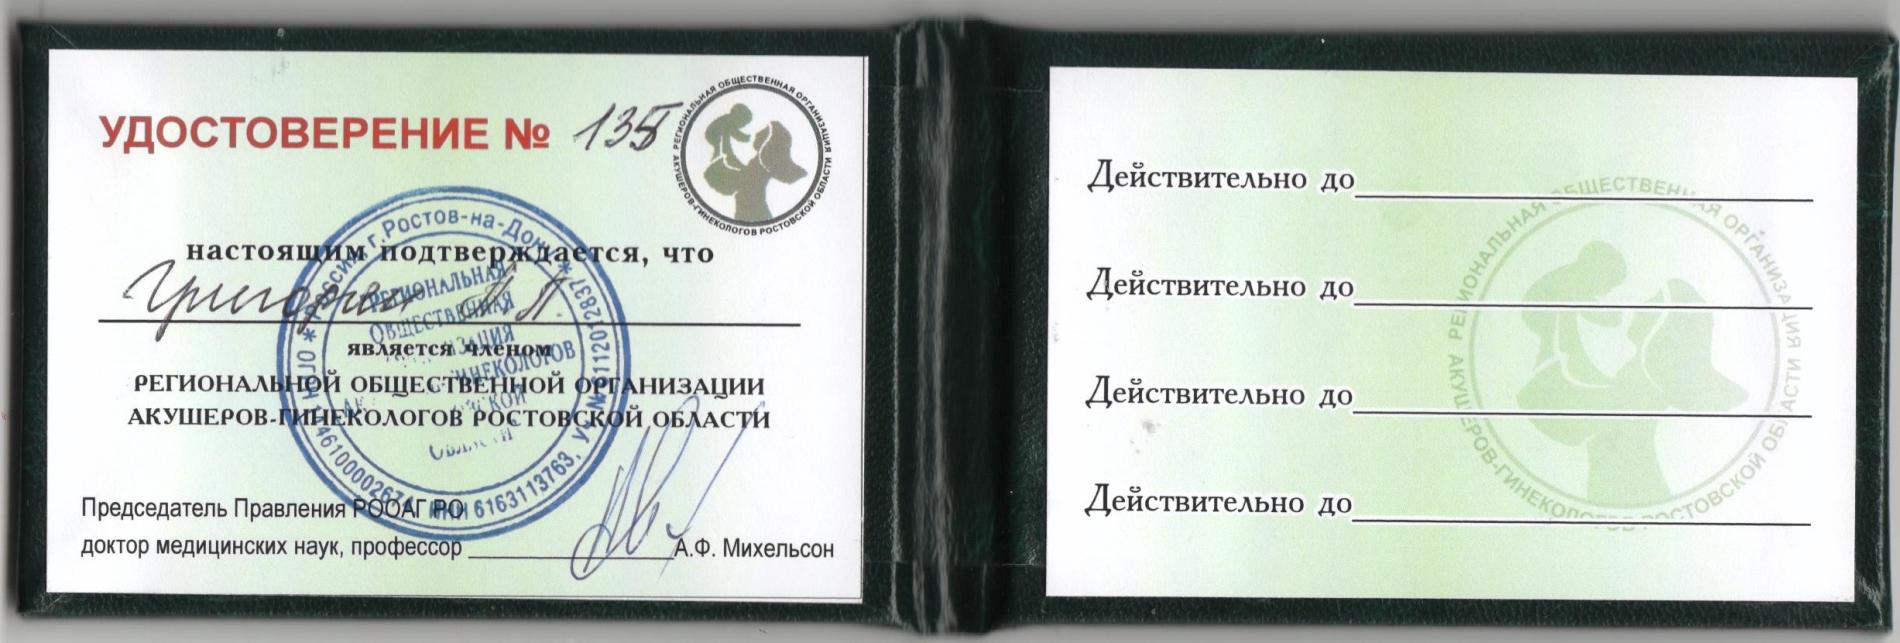 удостоверение член ассоциации Григорян